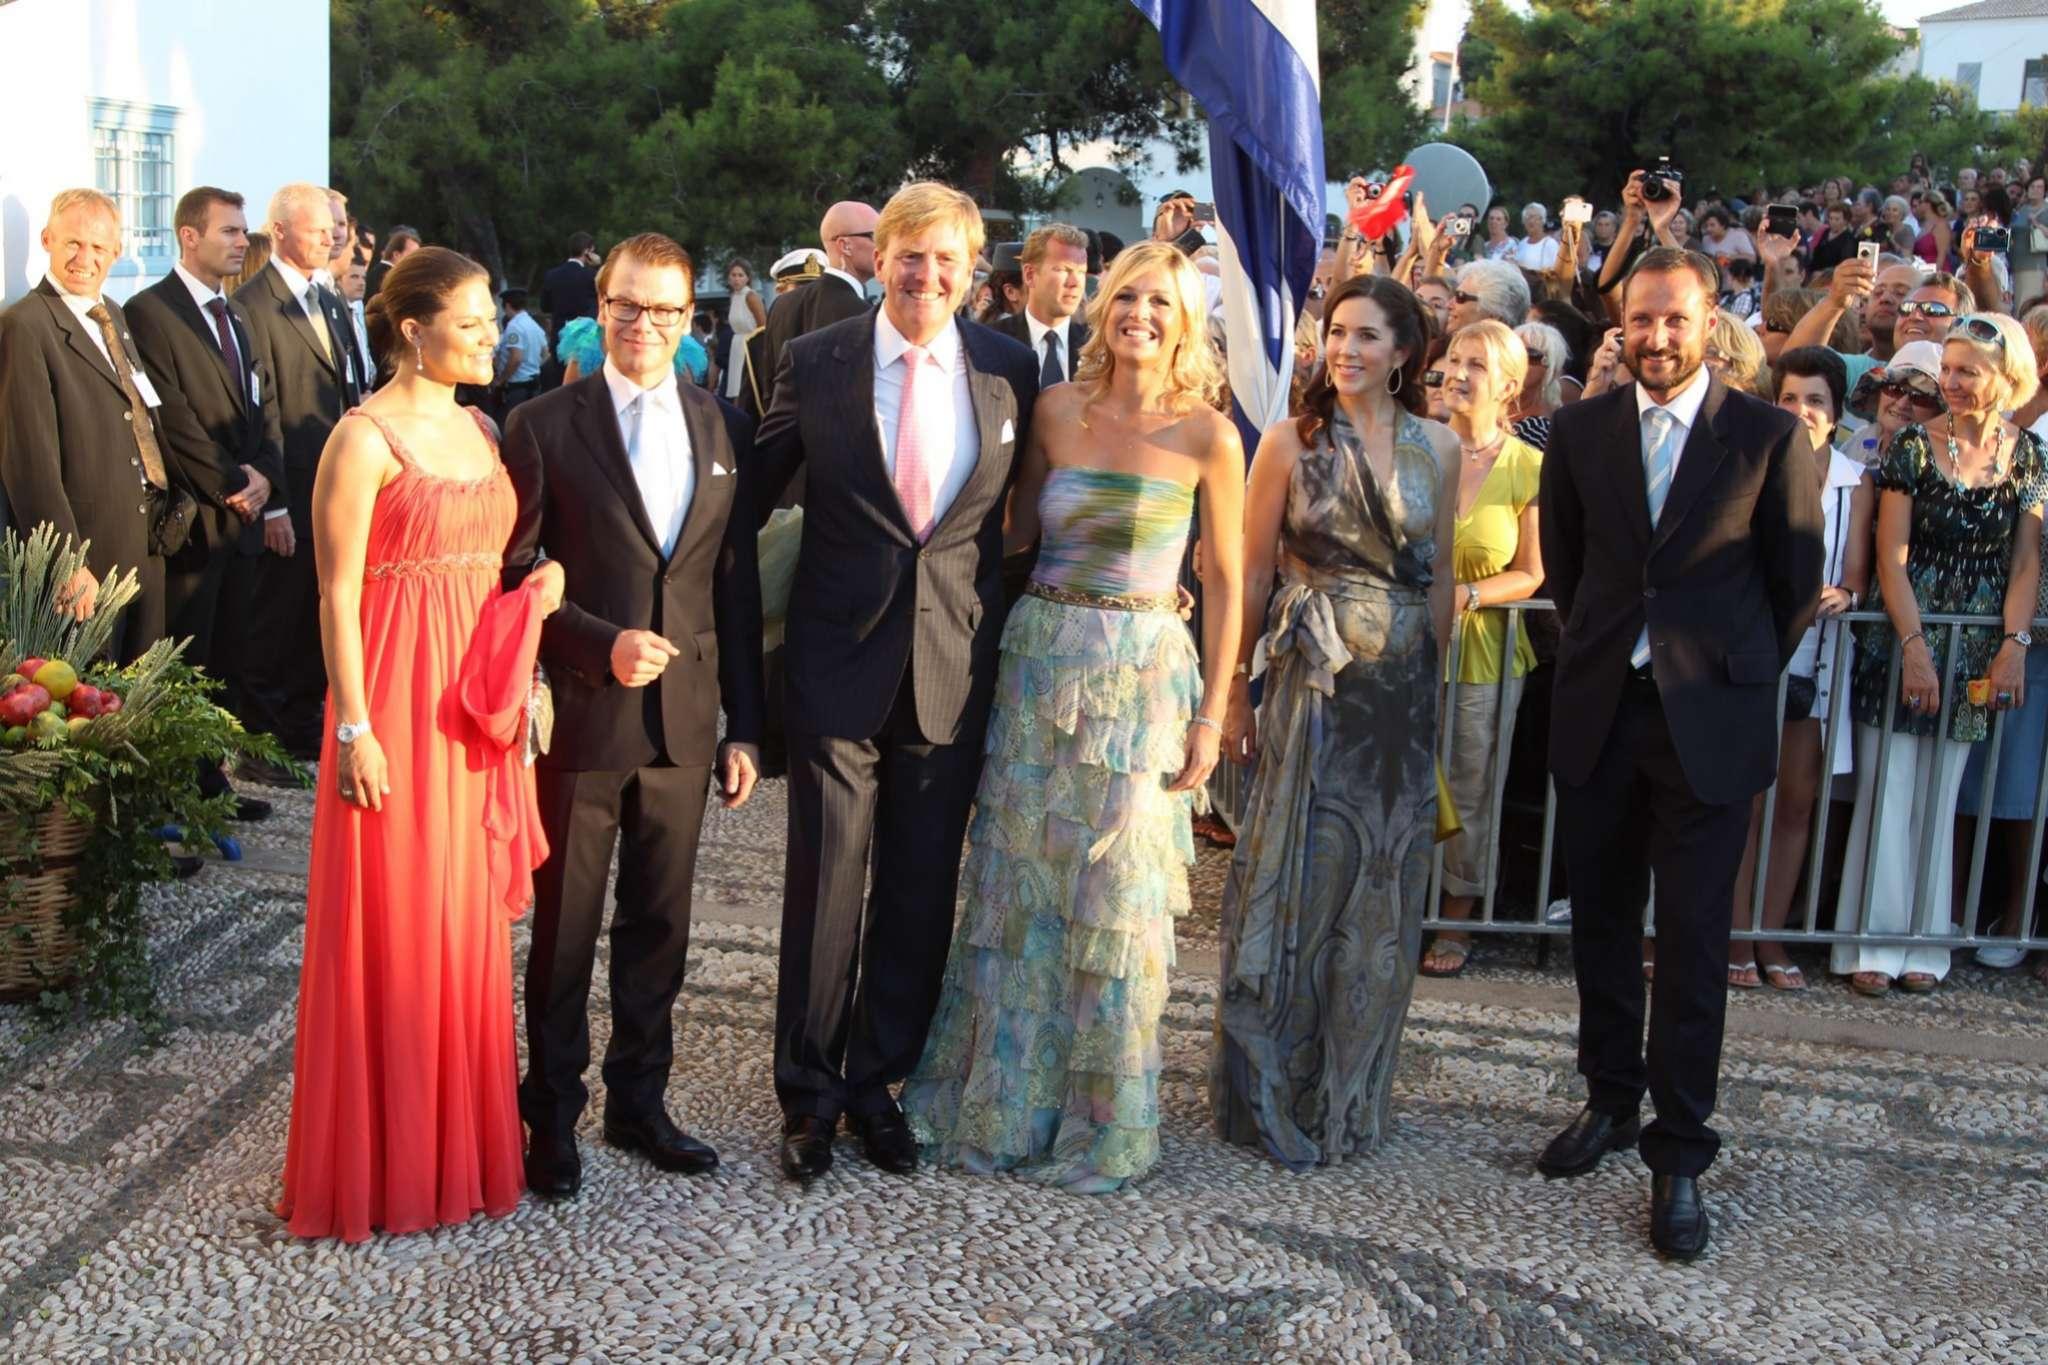 Máxima y Guillermo en Spetses, en la boda de Nicolás de Grecia y Tatiana Blatnik (2010)